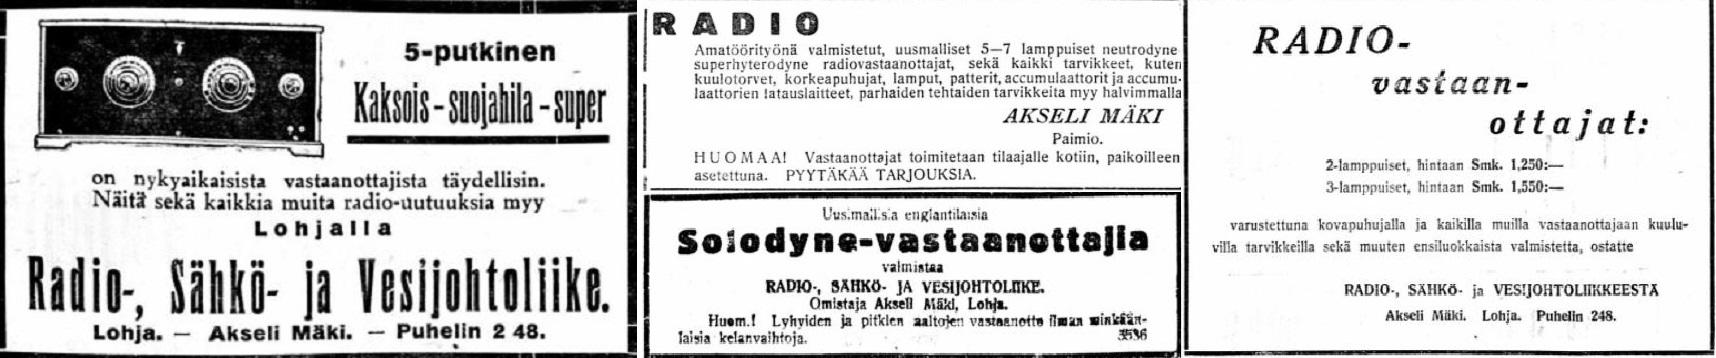 Radio-__Sdhkc-_ja_Vesijohtoliike_Akseli_Mdki_Ldnsi_Uusimaa_no_71_1928__Salon_Seudun_Kunnallislehti_no_87_1926__Turun_Sanomat_no_41_1928___Uusimaan_Tycmies_no_22_1928.jpg